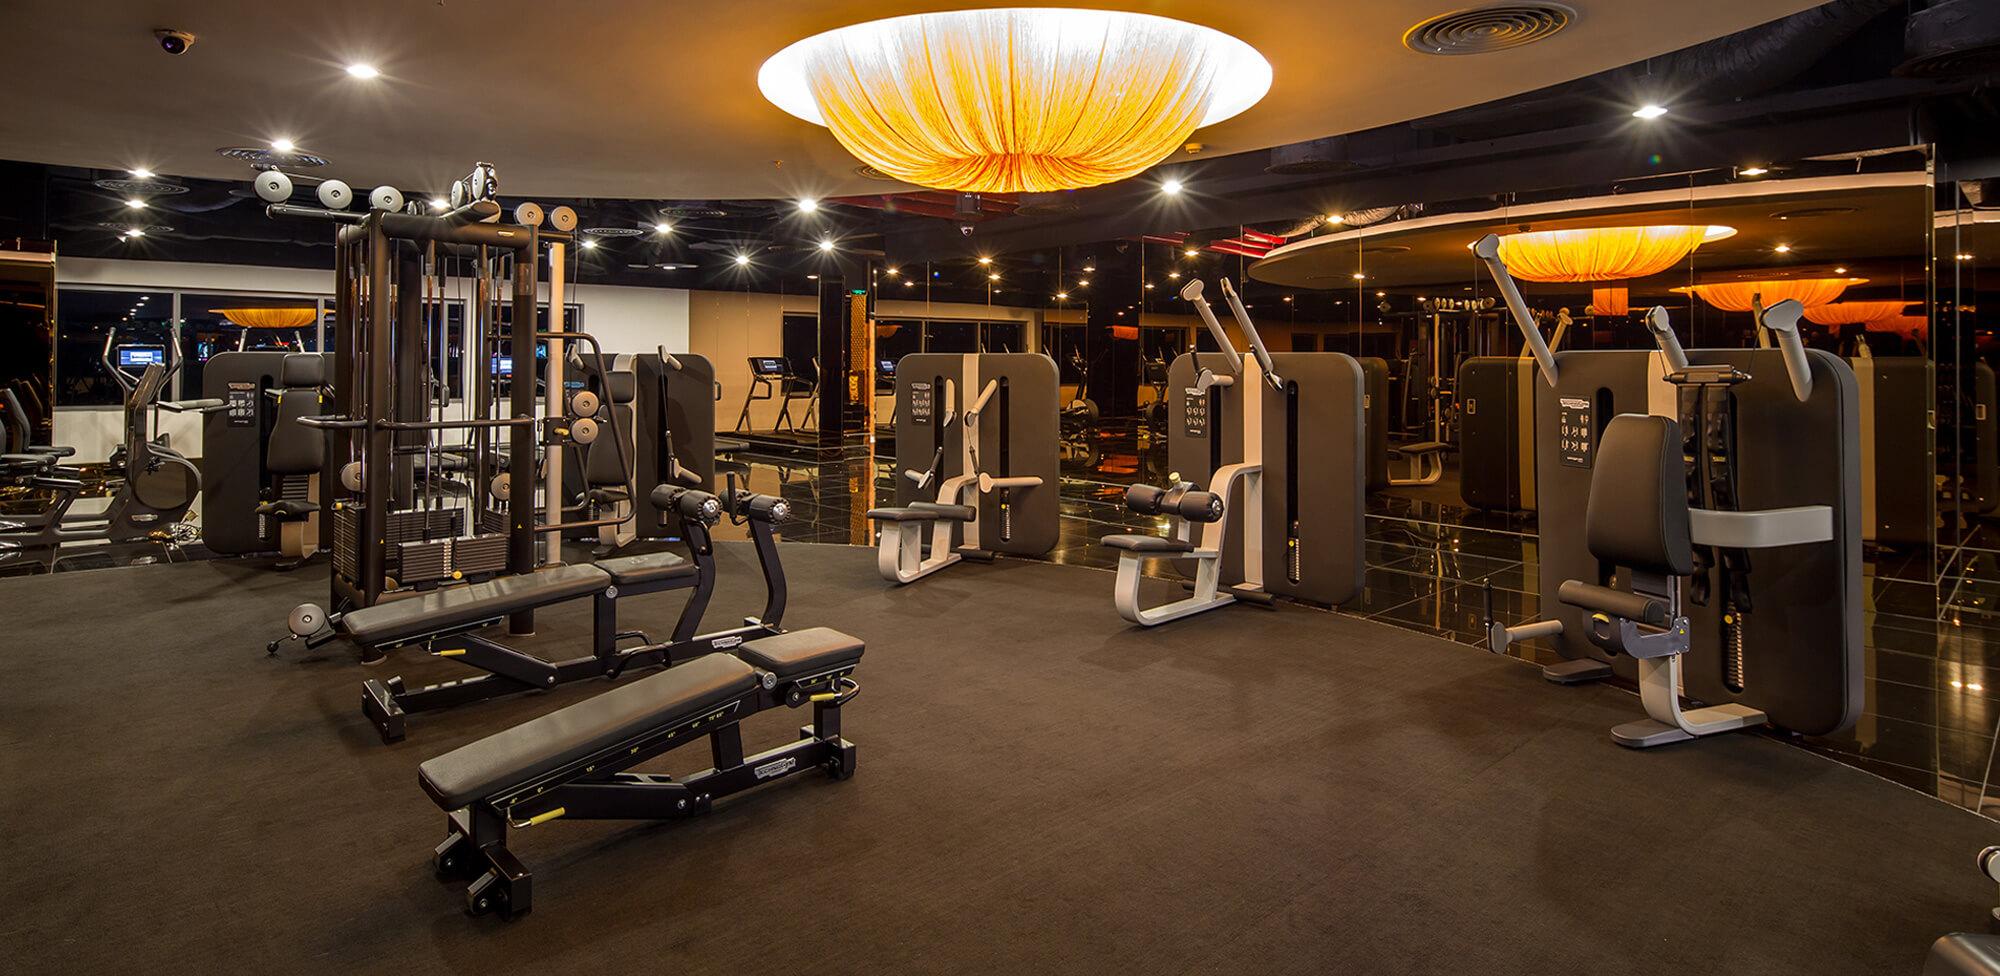 tiêu-chuẩn-thiết-kế-phòng-tập-gym 2